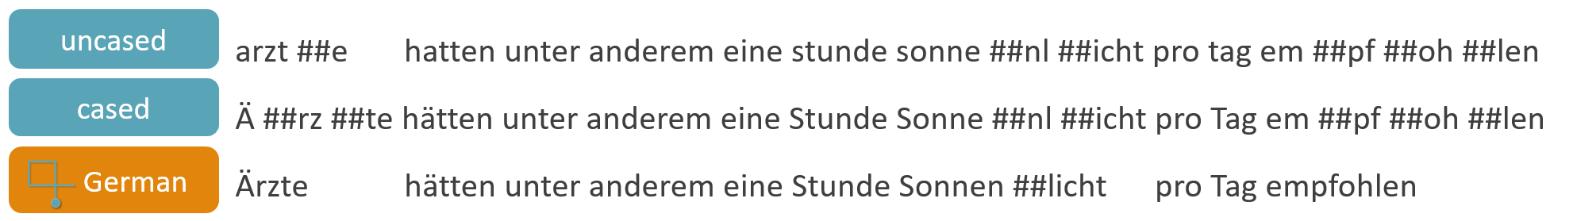 deepset - open sourcing German BERT